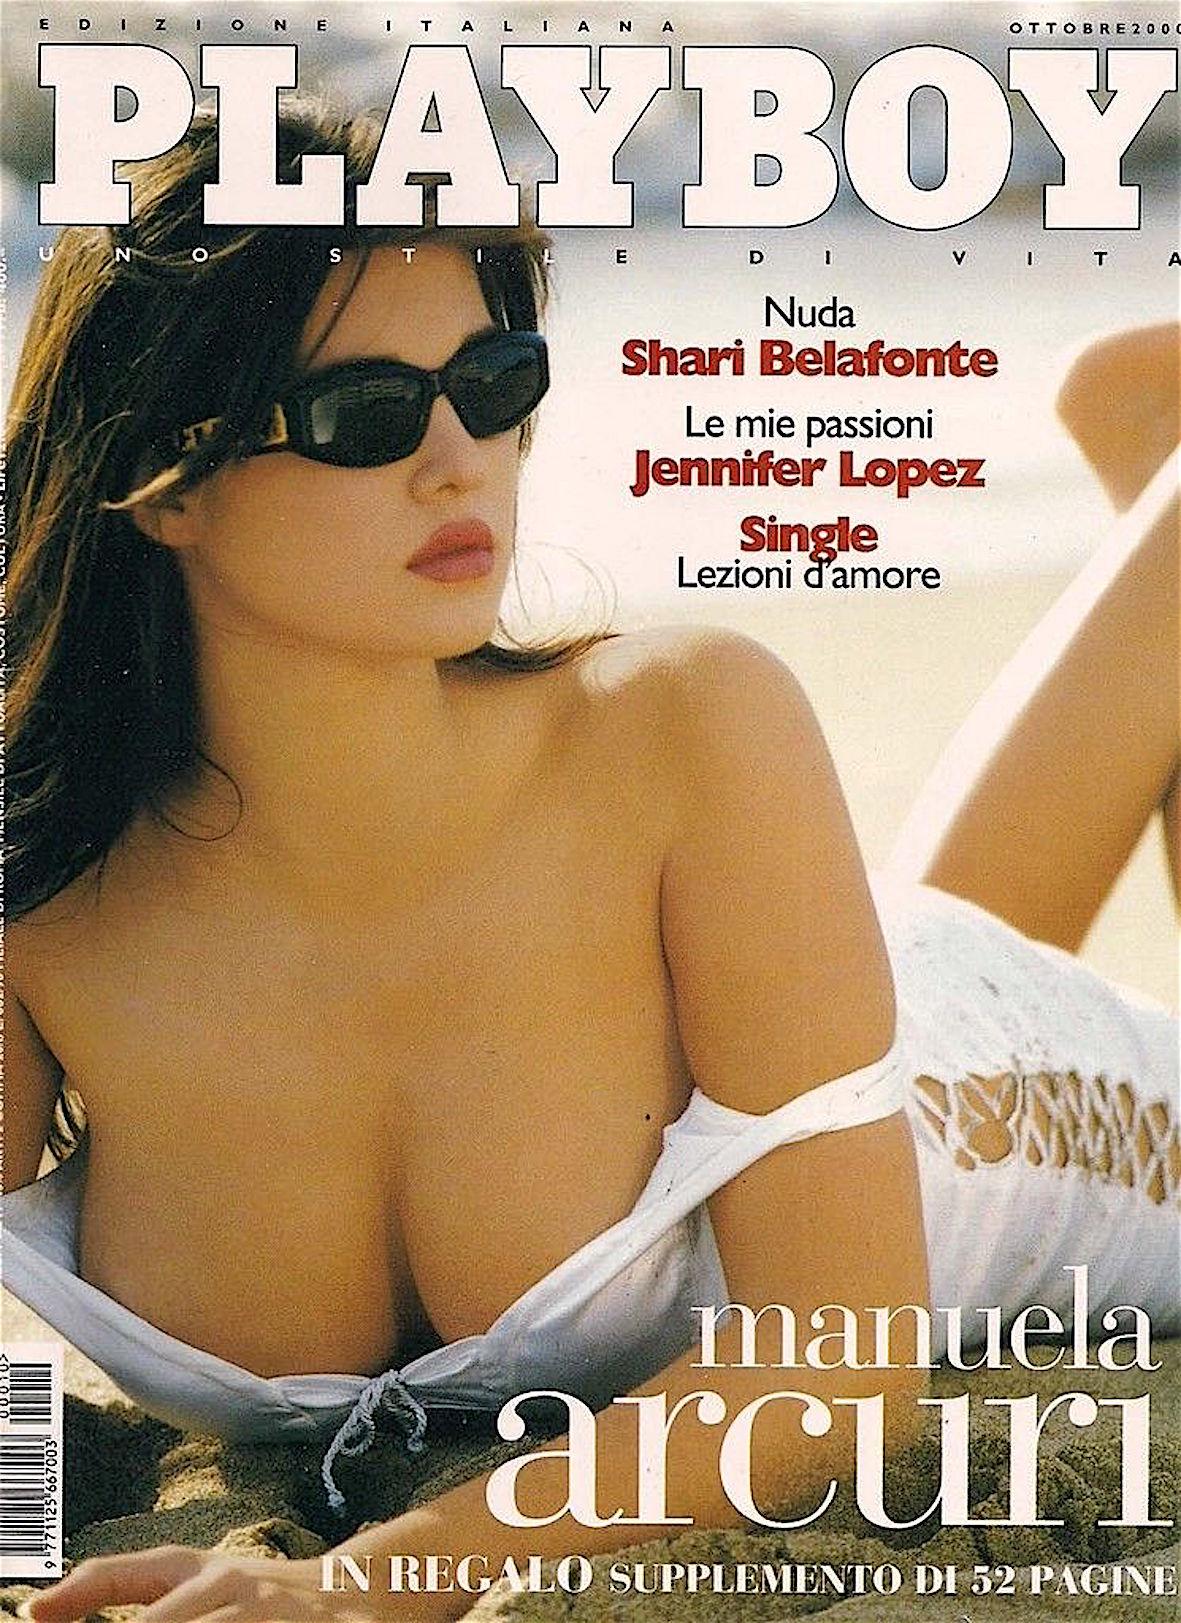 Manuela arcuri nude playboy it-1606